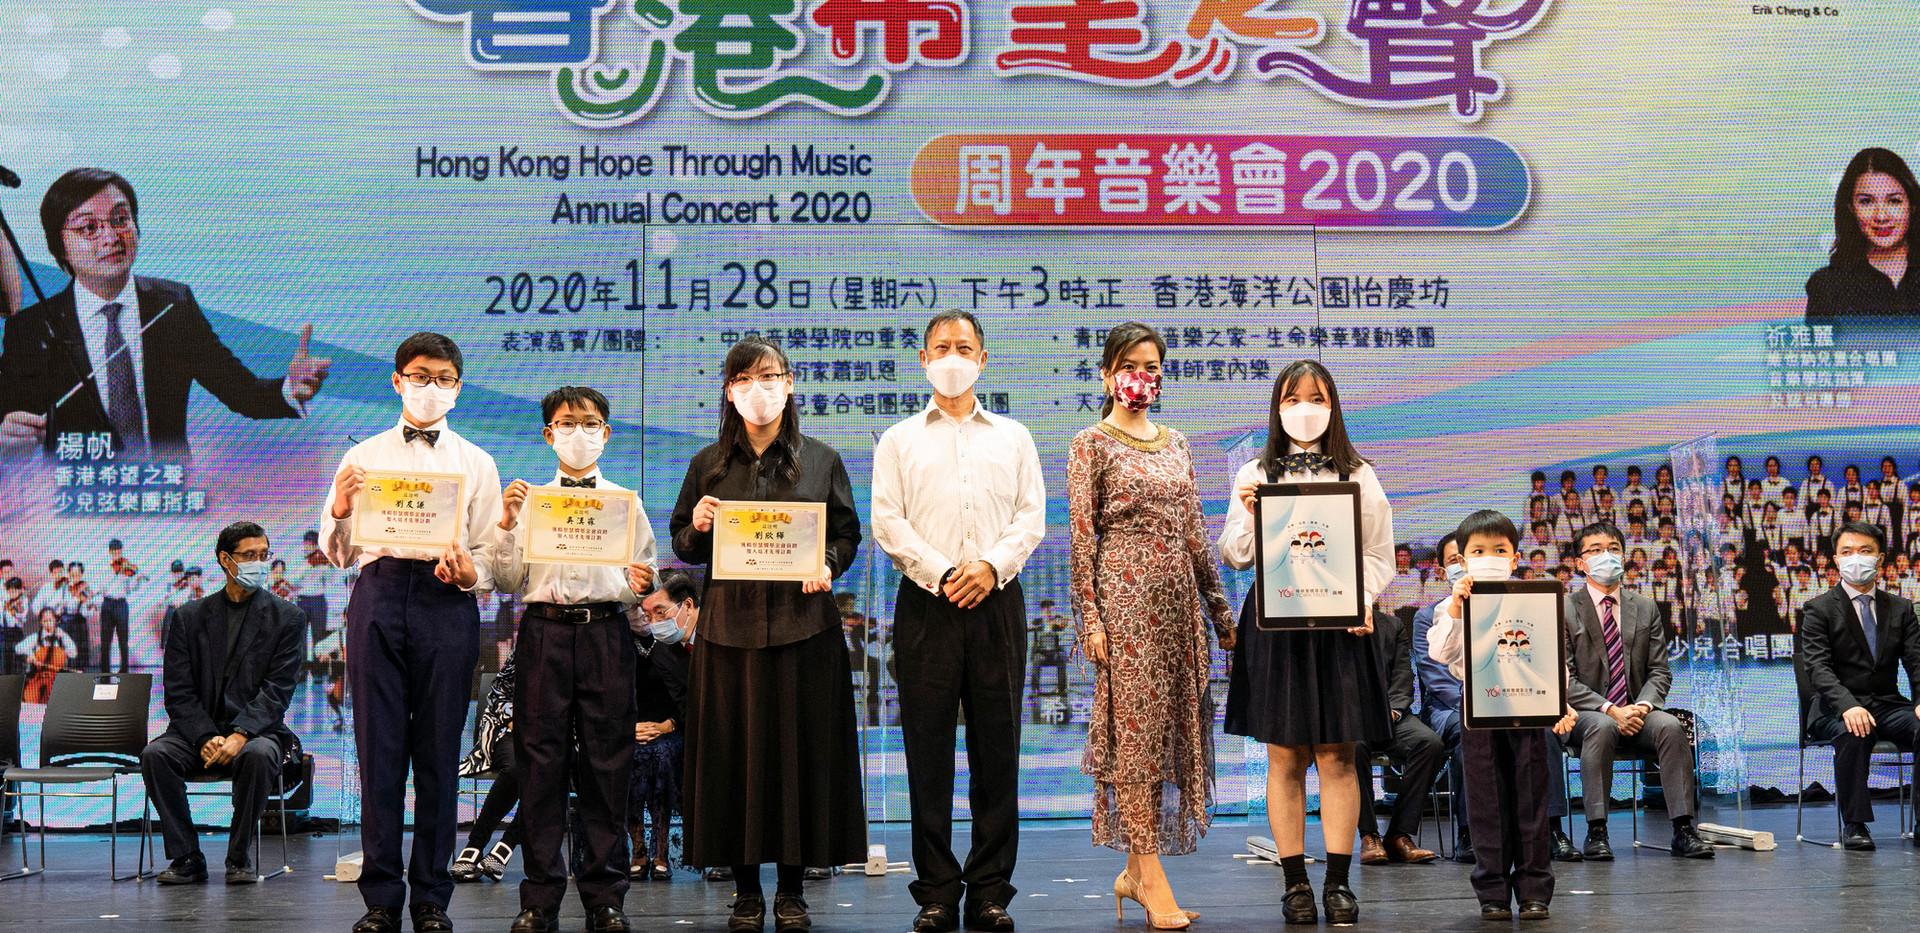 致送嘉賓: (致送相架):香港希望之聲少兒慈善基金會董事鄒小磊先生  接受嘉賓: (接受):維也納兒童合唱團學院合唱團    天水圍唱   生命樂章聲動樂團